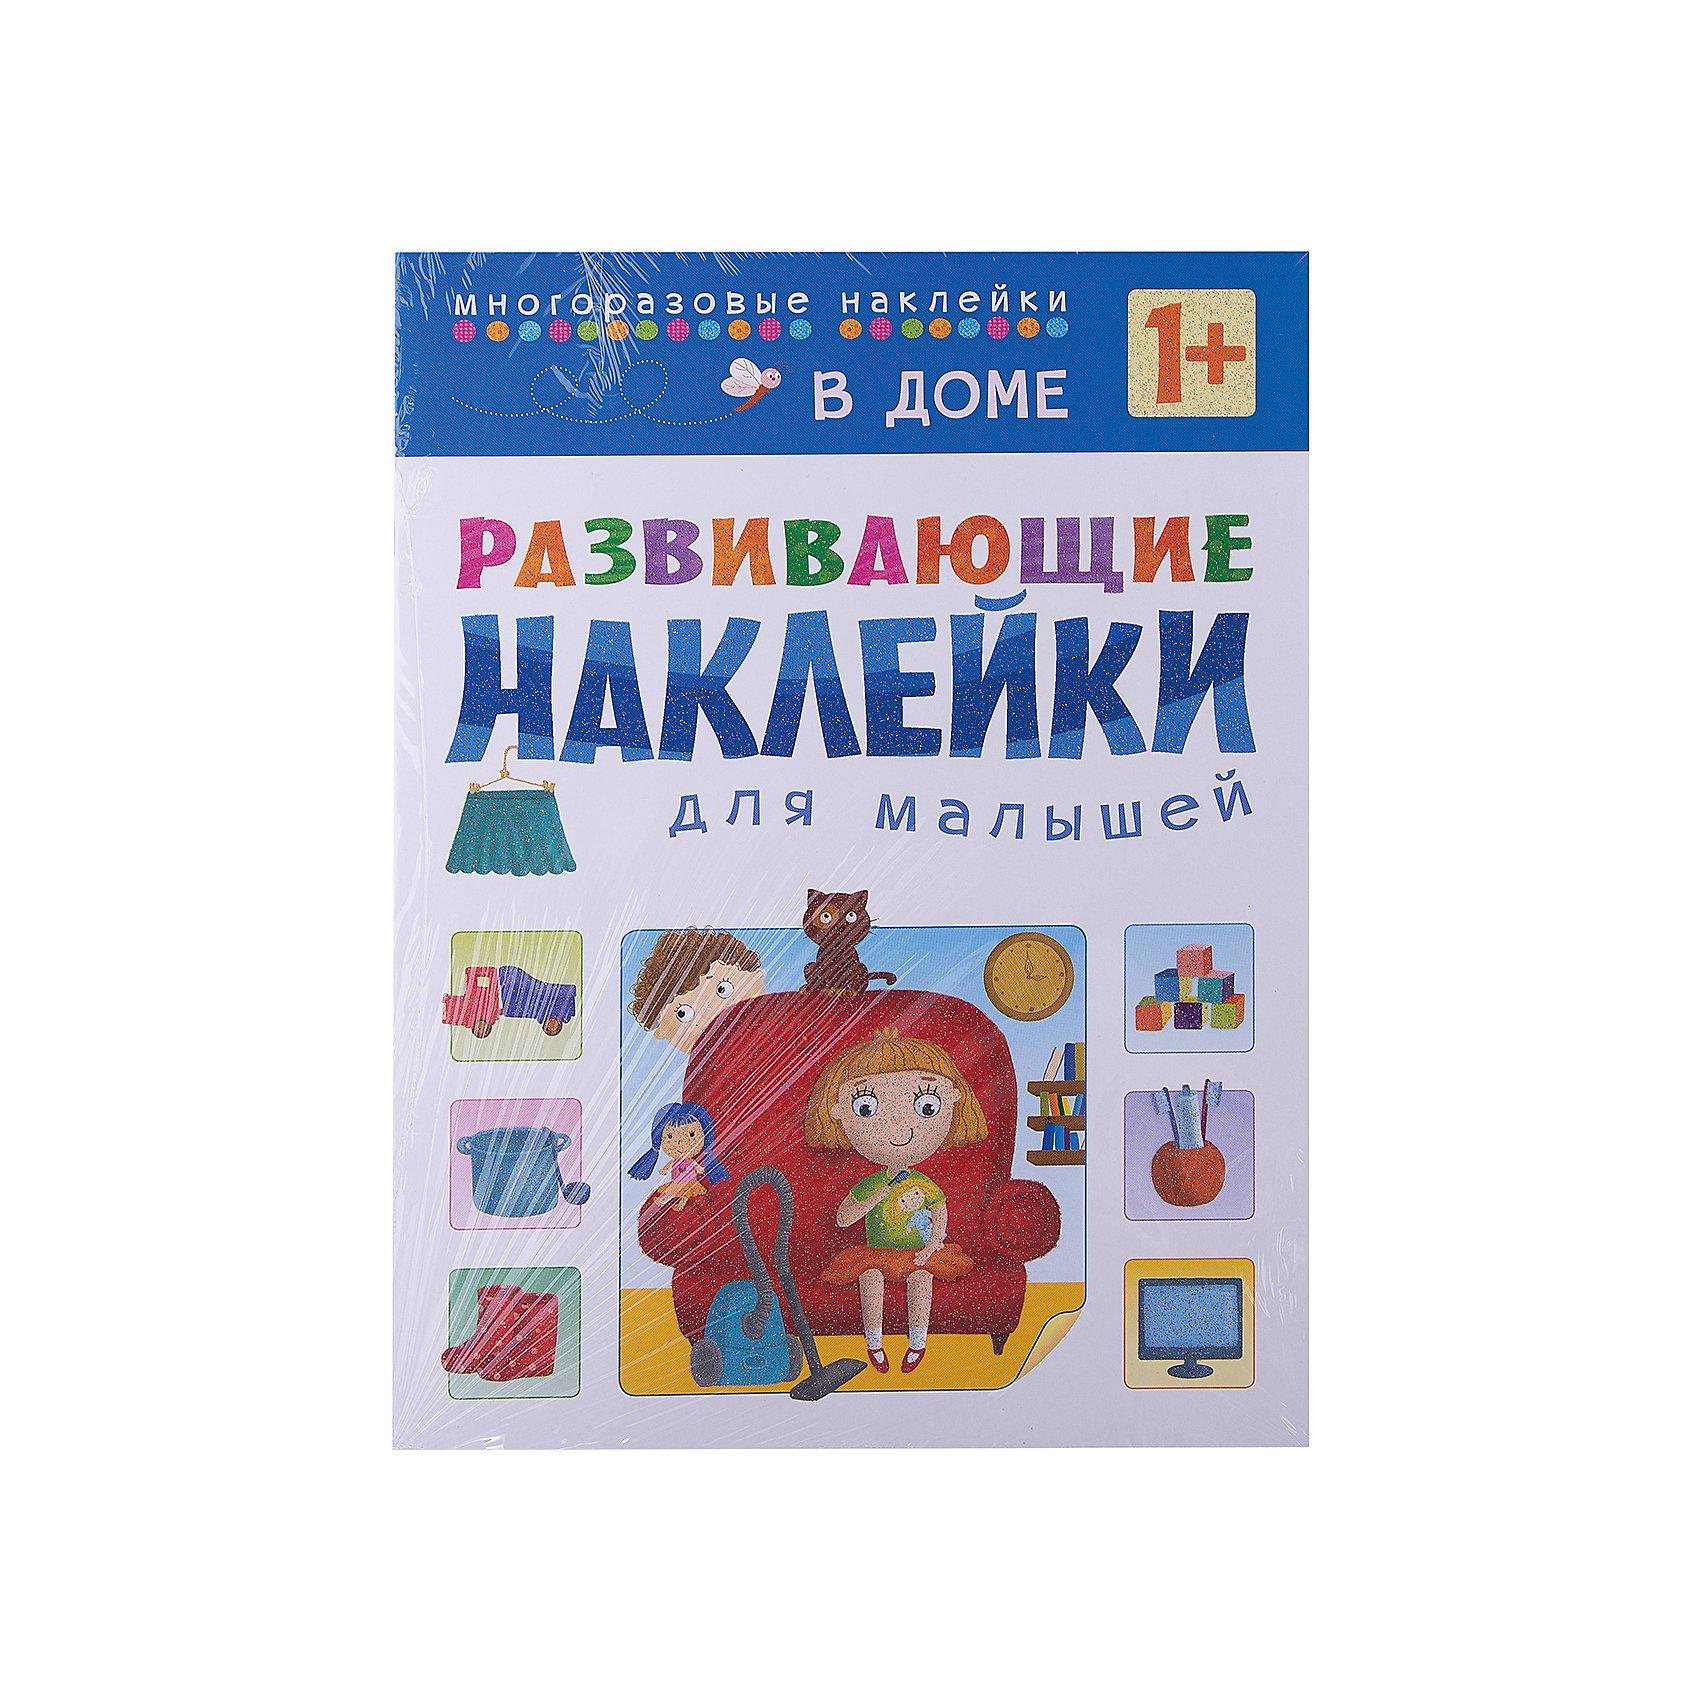 В доме, Развивающие наклейки для малышейКнижки с наклейками<br>Характеристики книжки В доме с наклейками:<br><br>• возраст: от 1 года<br>• пол: для мальчиков и девочек<br>• размеры: 19.5x25.5<br>• материал: бумага, полимер<br>• переплет мягкая обложка<br>• количество страниц: 10<br>• цветные иллюстрации: да<br>• язык издания: русский<br>• вес: 65 г<br>• тип издания: отдельное издание<br>• серия : развивающие наклейки для малышей<br>• редактор: Валерия Вилюнова<br>• иллюстратор: Евгения Миронюк<br>• издательство: Мозаика-Синтез<br>• страна обладатель бренда: Россия.<br>• страна изготовитель: Россия<br><br>Эта книжка с наклейками предназначена для самых маленьких читателей. Уже в 1 год ребенок способен выполнять задания, приклеивая наклейки в нужное место. Это занятие не только приносит малышу удовольствие и радость, но и способствует развитию речи, интеллекта, мелкой моторики, координации движений, умения находить и принимать решения; расширяет представления об окружающем мире. <br><br>С помощью этой книги малыш побывает в доме - в кухне, прихожей, ванной и других комнатах, познакомится с такими понятиями, как посуда, одежда, обувь, мебель. Наклейки в книге многоразовые, так что ребенок, может смело экспериментировать, не боясь ошибиться.<br><br>Книжку В доме с наклейками издательства Мозаика-Синтез можно купить в нашем интернет-магазине.<br><br>Ширина мм: 2<br>Глубина мм: 195<br>Высота мм: 255<br>Вес г: 64<br>Возраст от месяцев: 12<br>Возраст до месяцев: 36<br>Пол: Унисекс<br>Возраст: Детский<br>SKU: 5362858